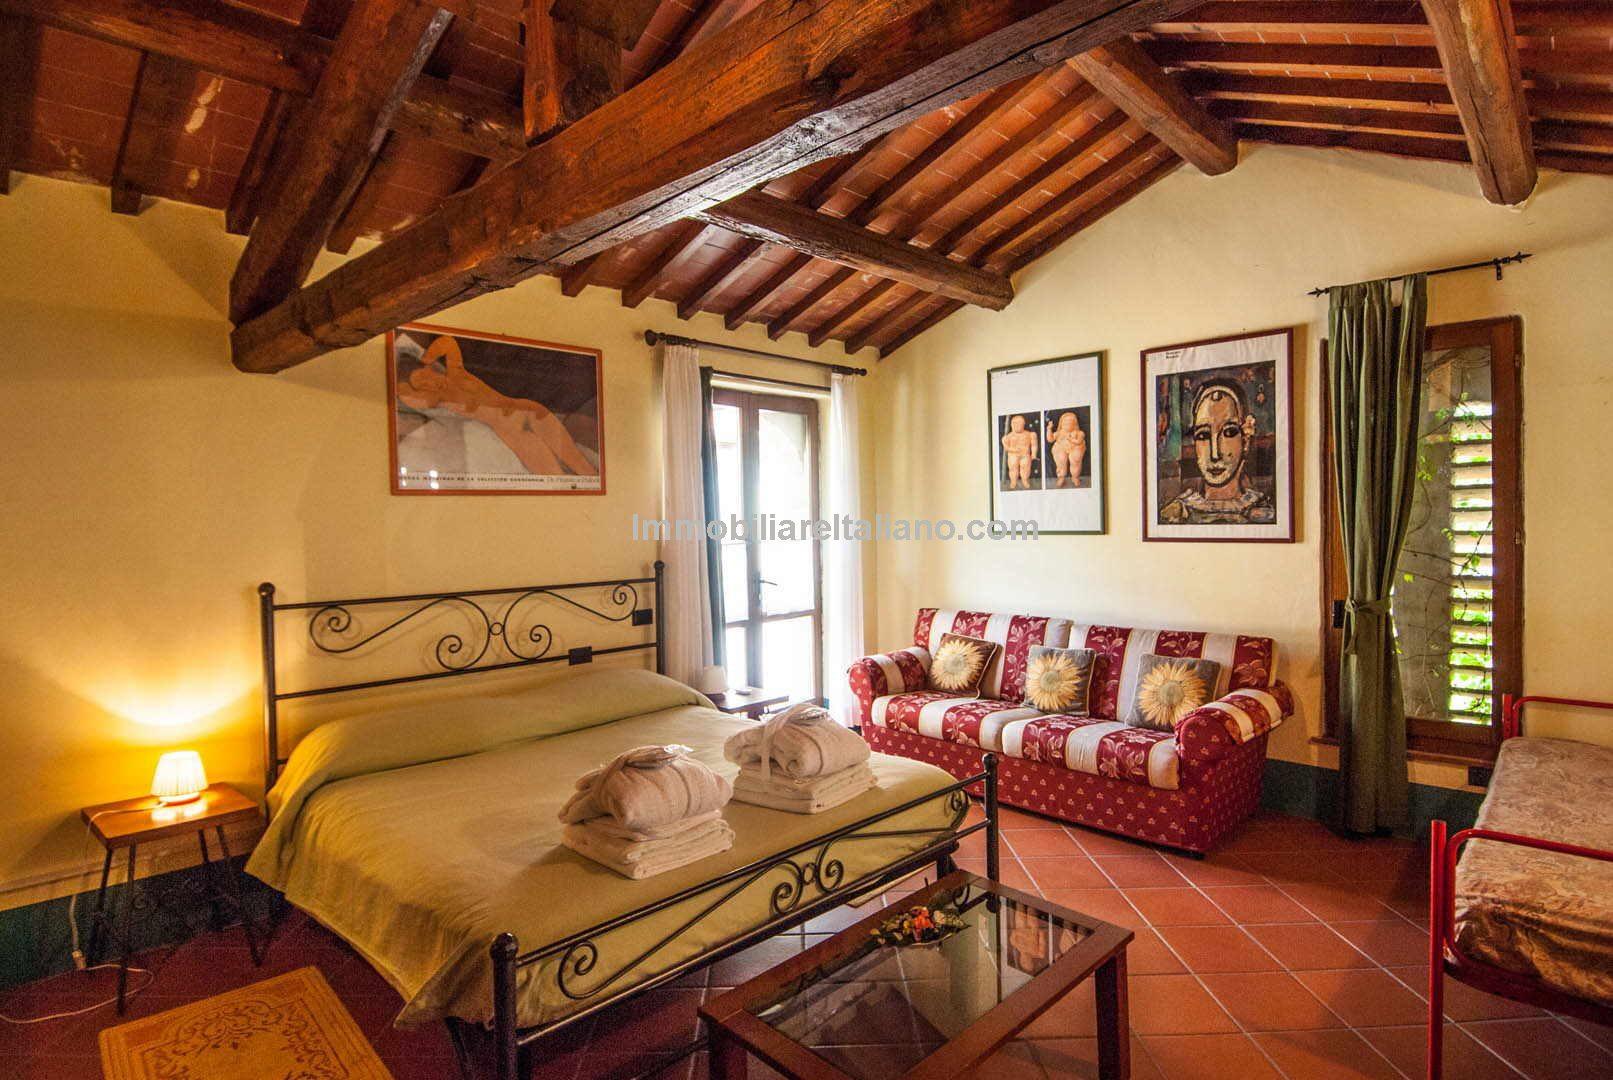 Tuscan Farmhouse Agriturismo For Sale Immobiliare Italiano